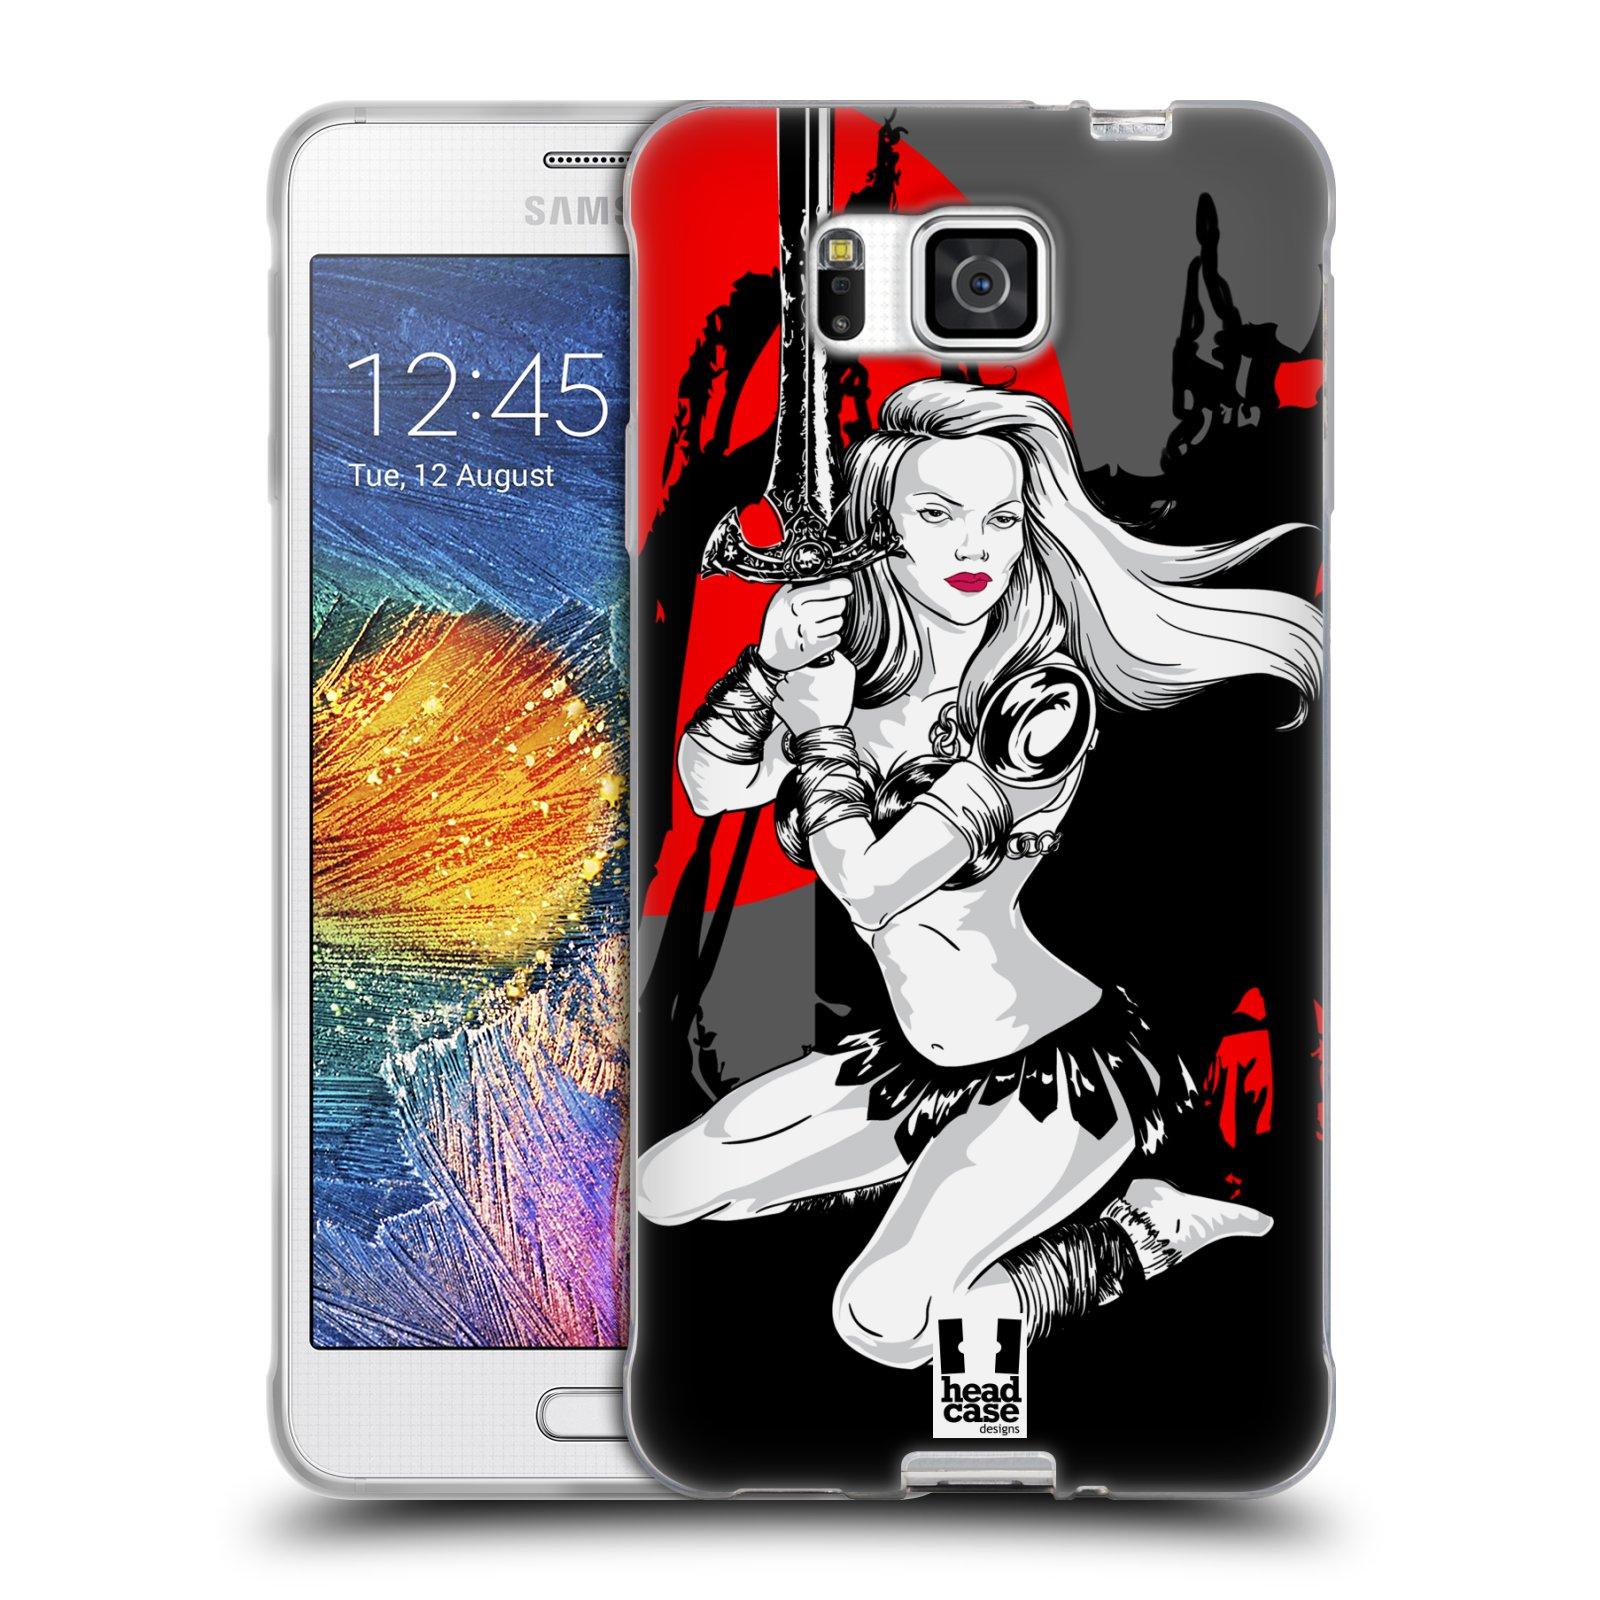 HEAD CASE silikonový obal na mobil Samsung Galaxy ALPHA vzor Komixové bojovnice AMAZONKA